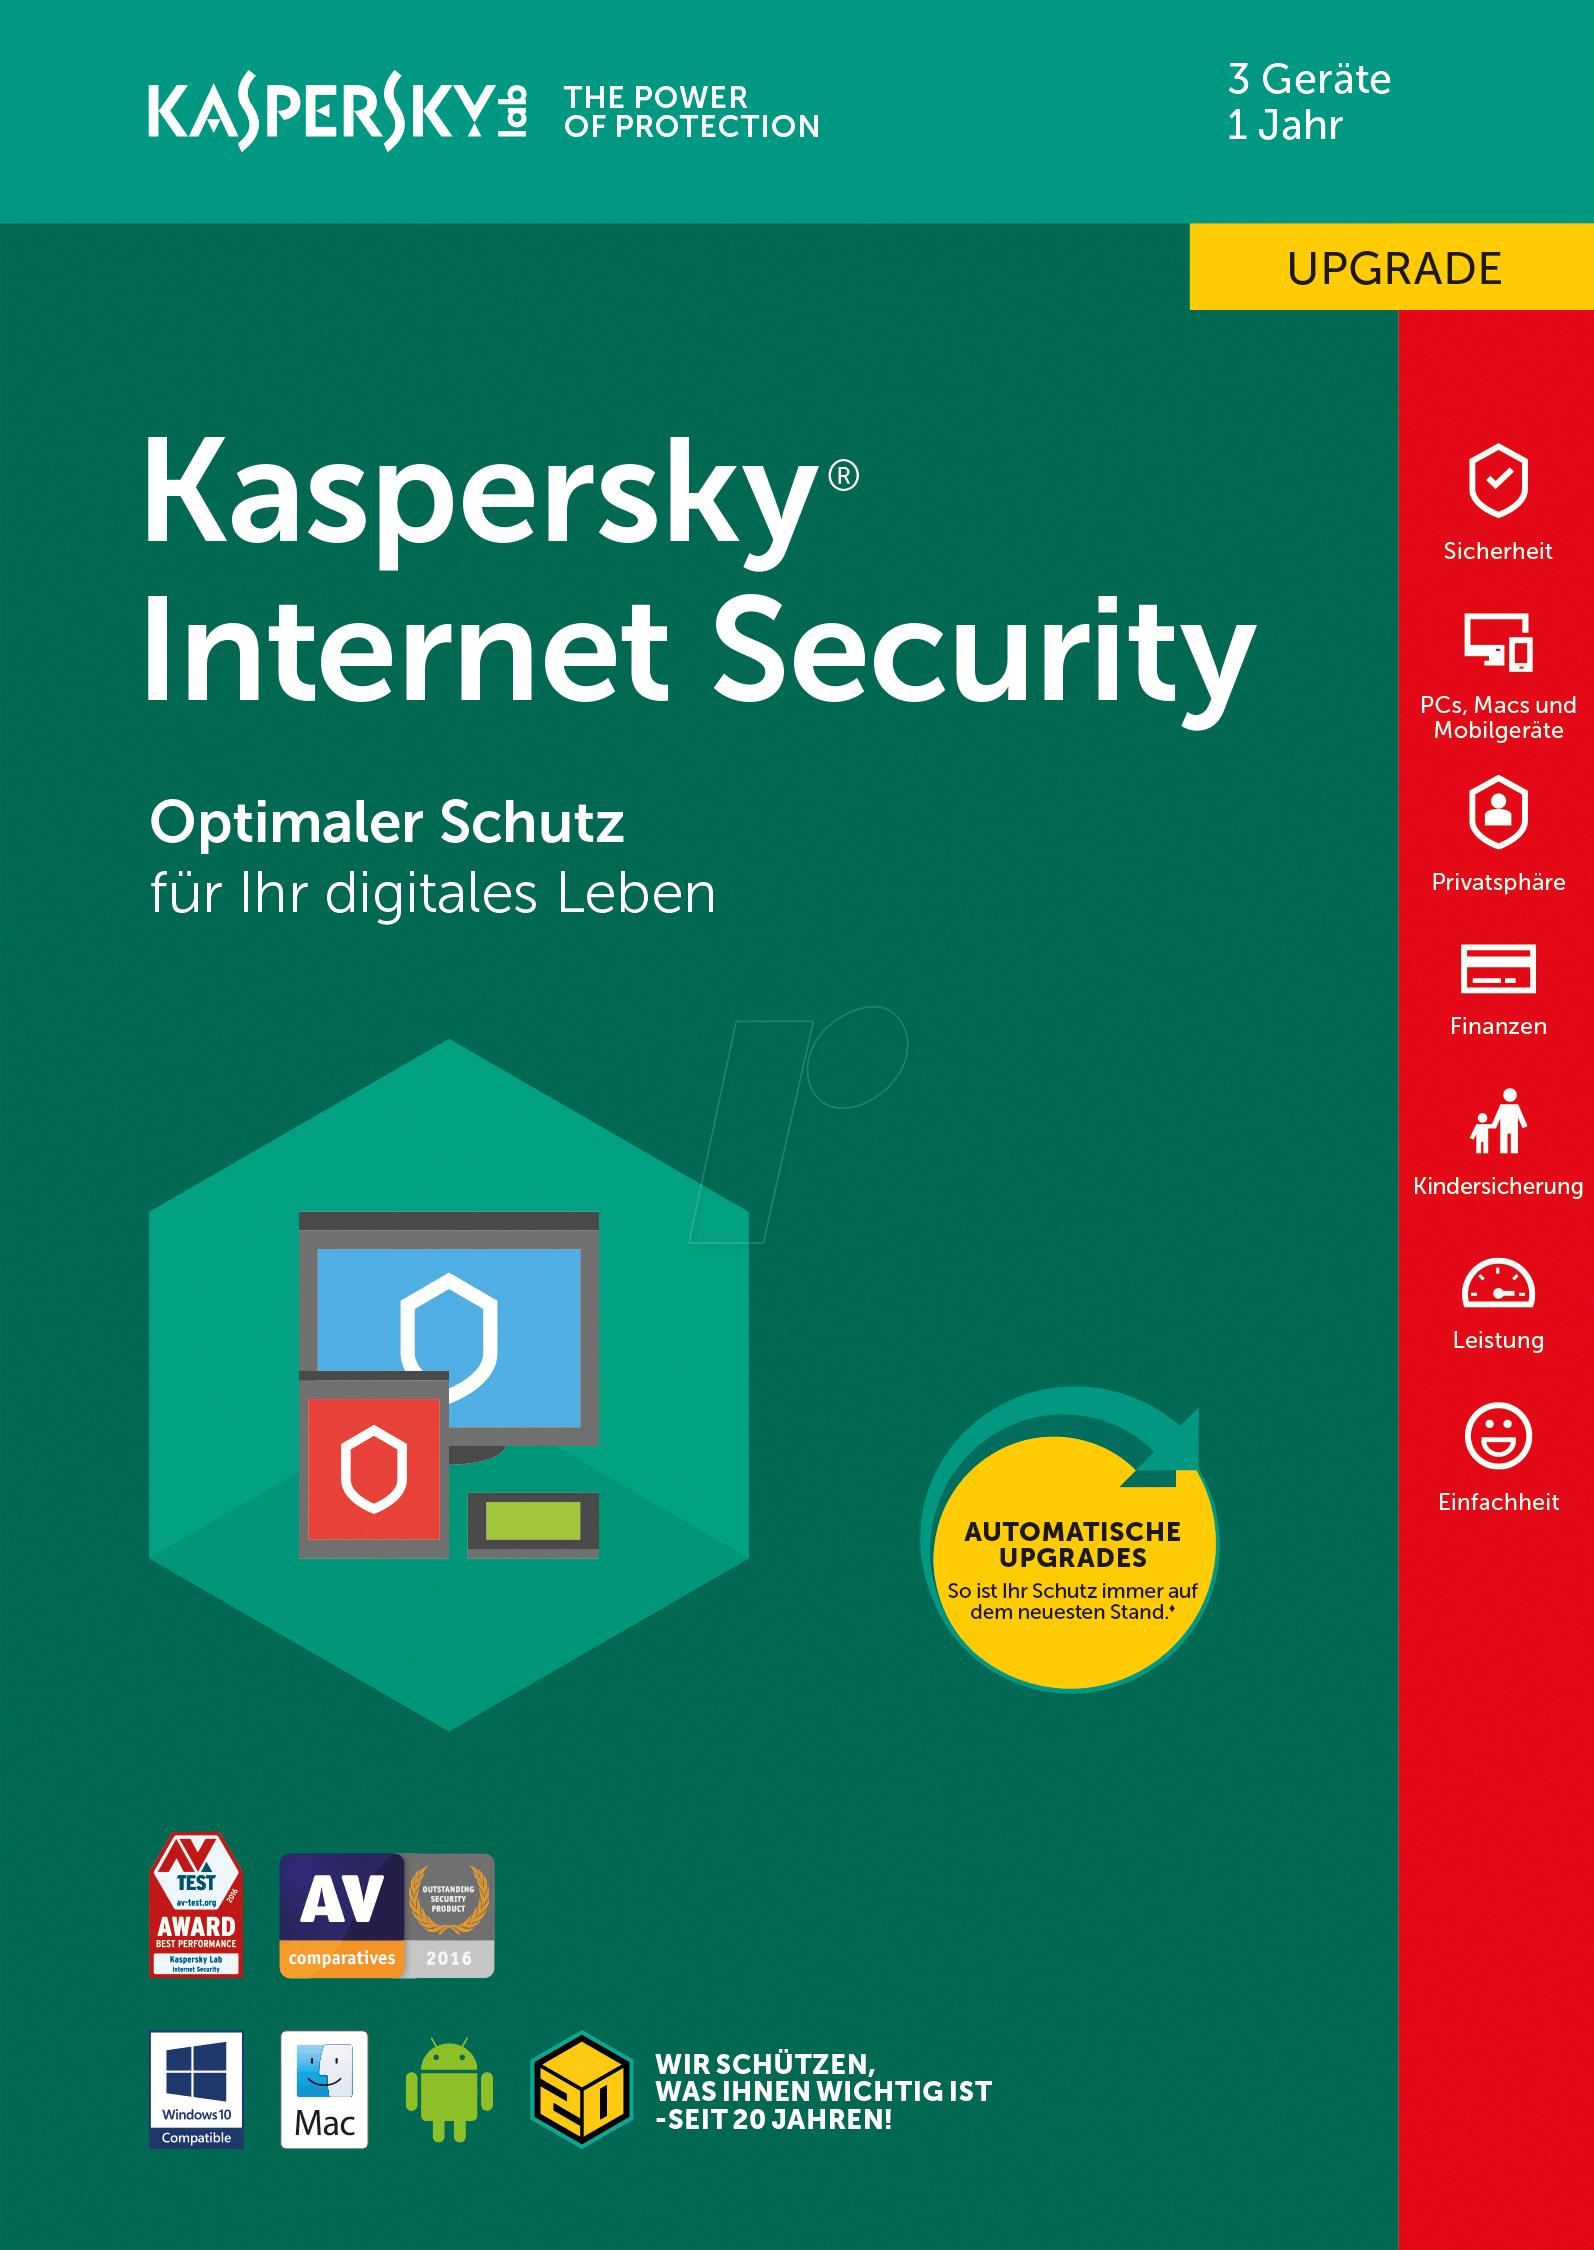 https://cdn-reichelt.de/bilder/web/xxl_ws/G500/KASPERSKY_IS2018_3U_UP_01.png